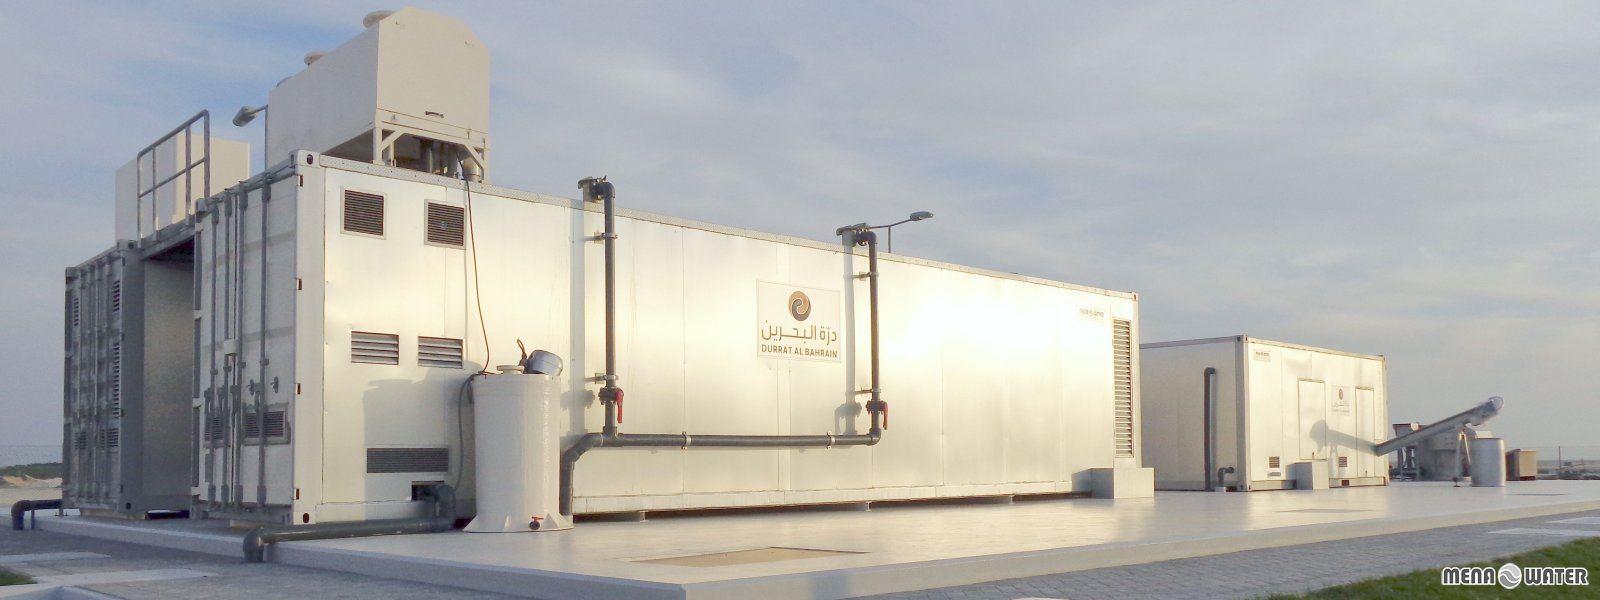 Kompaktanlagen und Containeranlagen